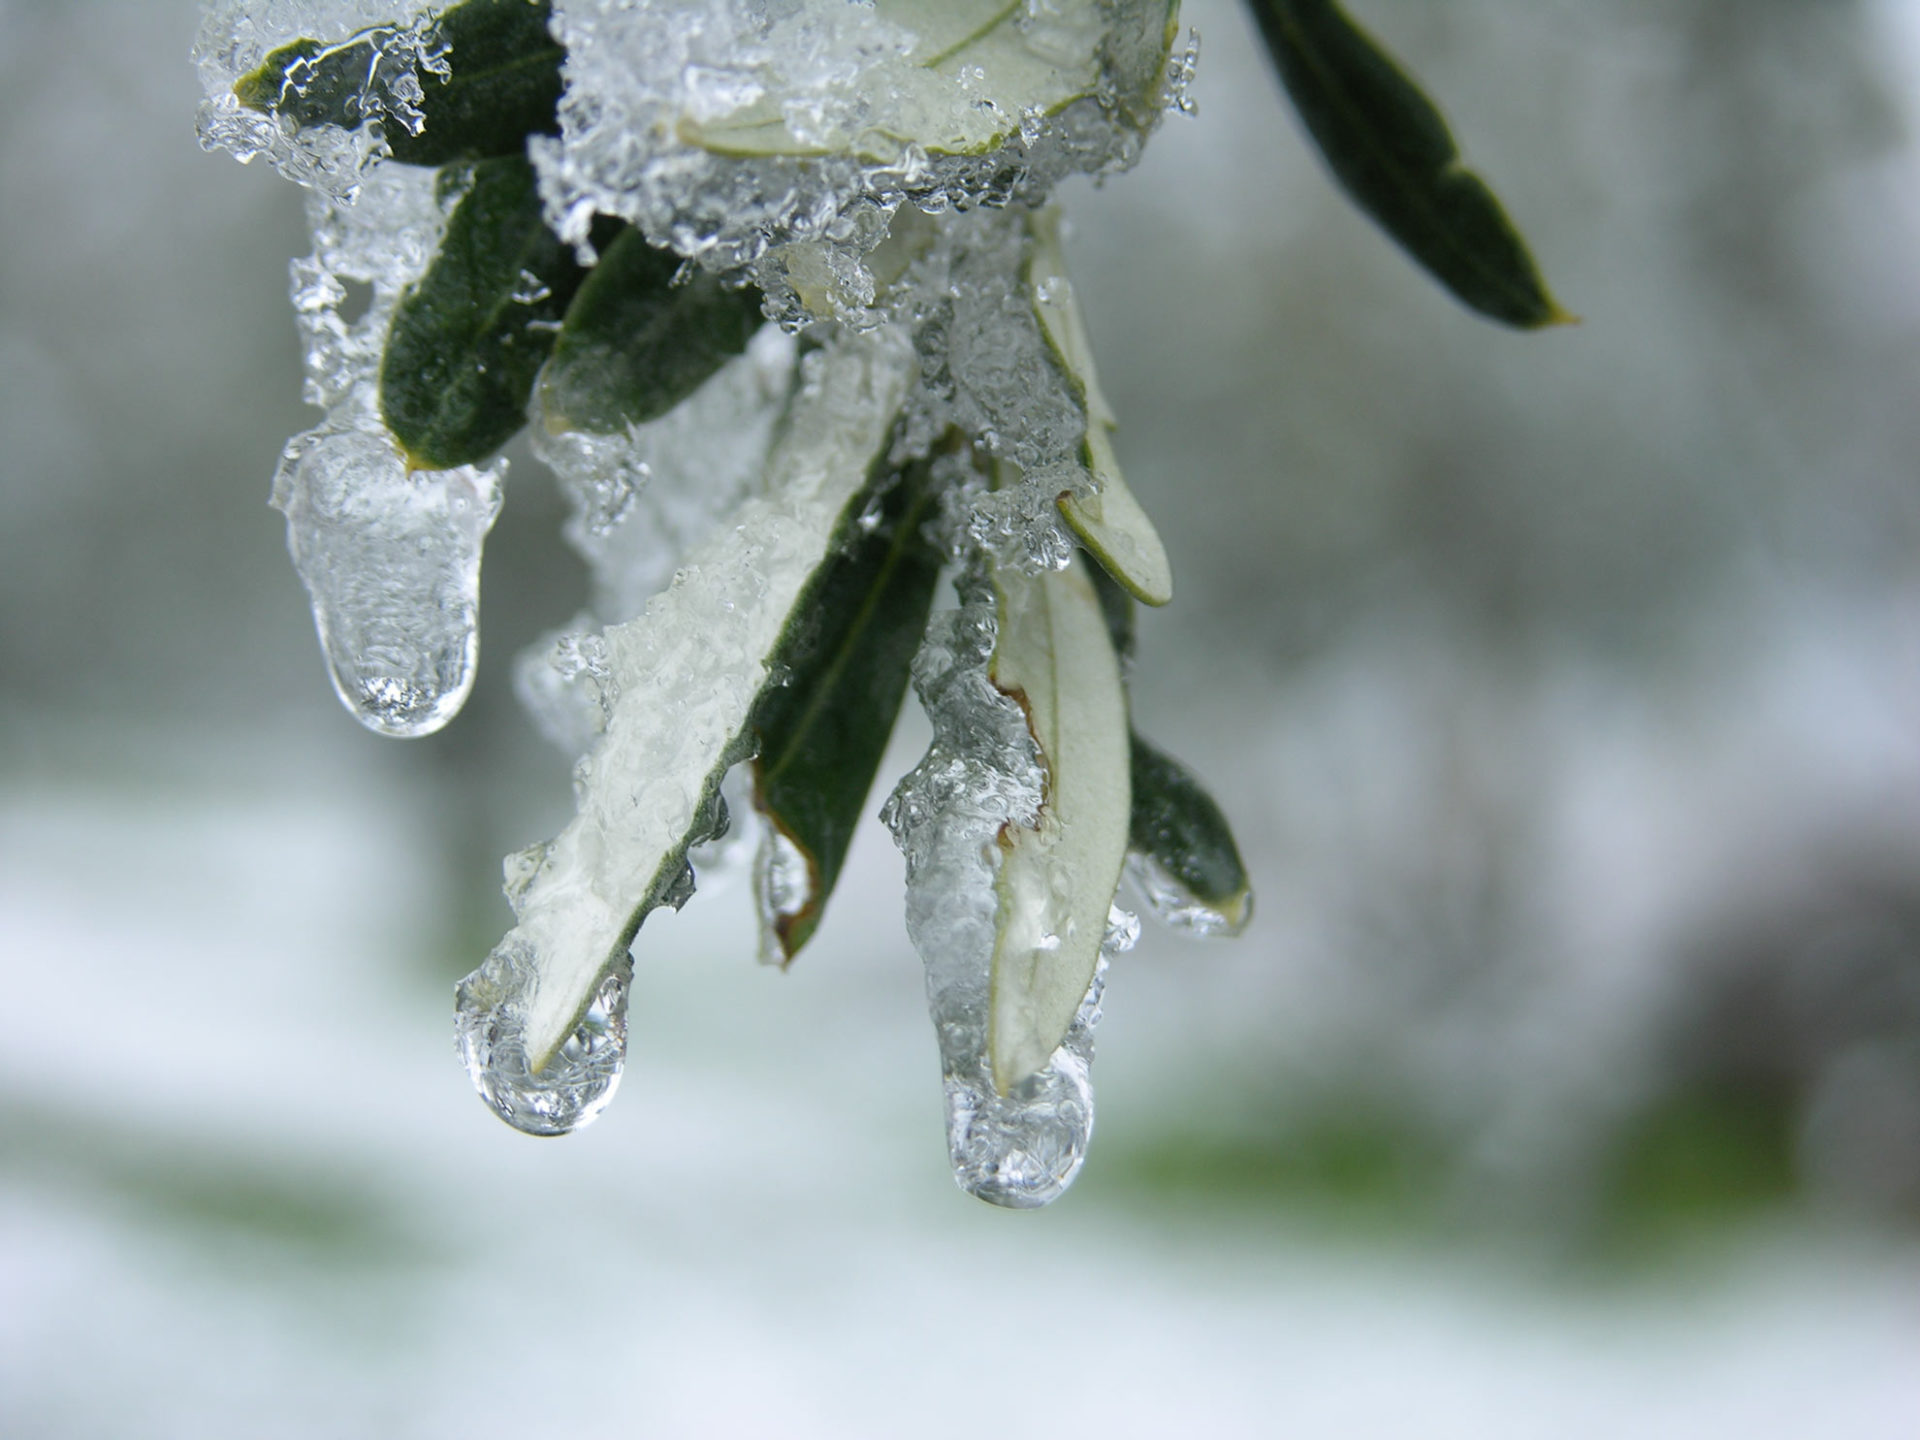 Ricami di ghiaccio tra le foglie d'olivo